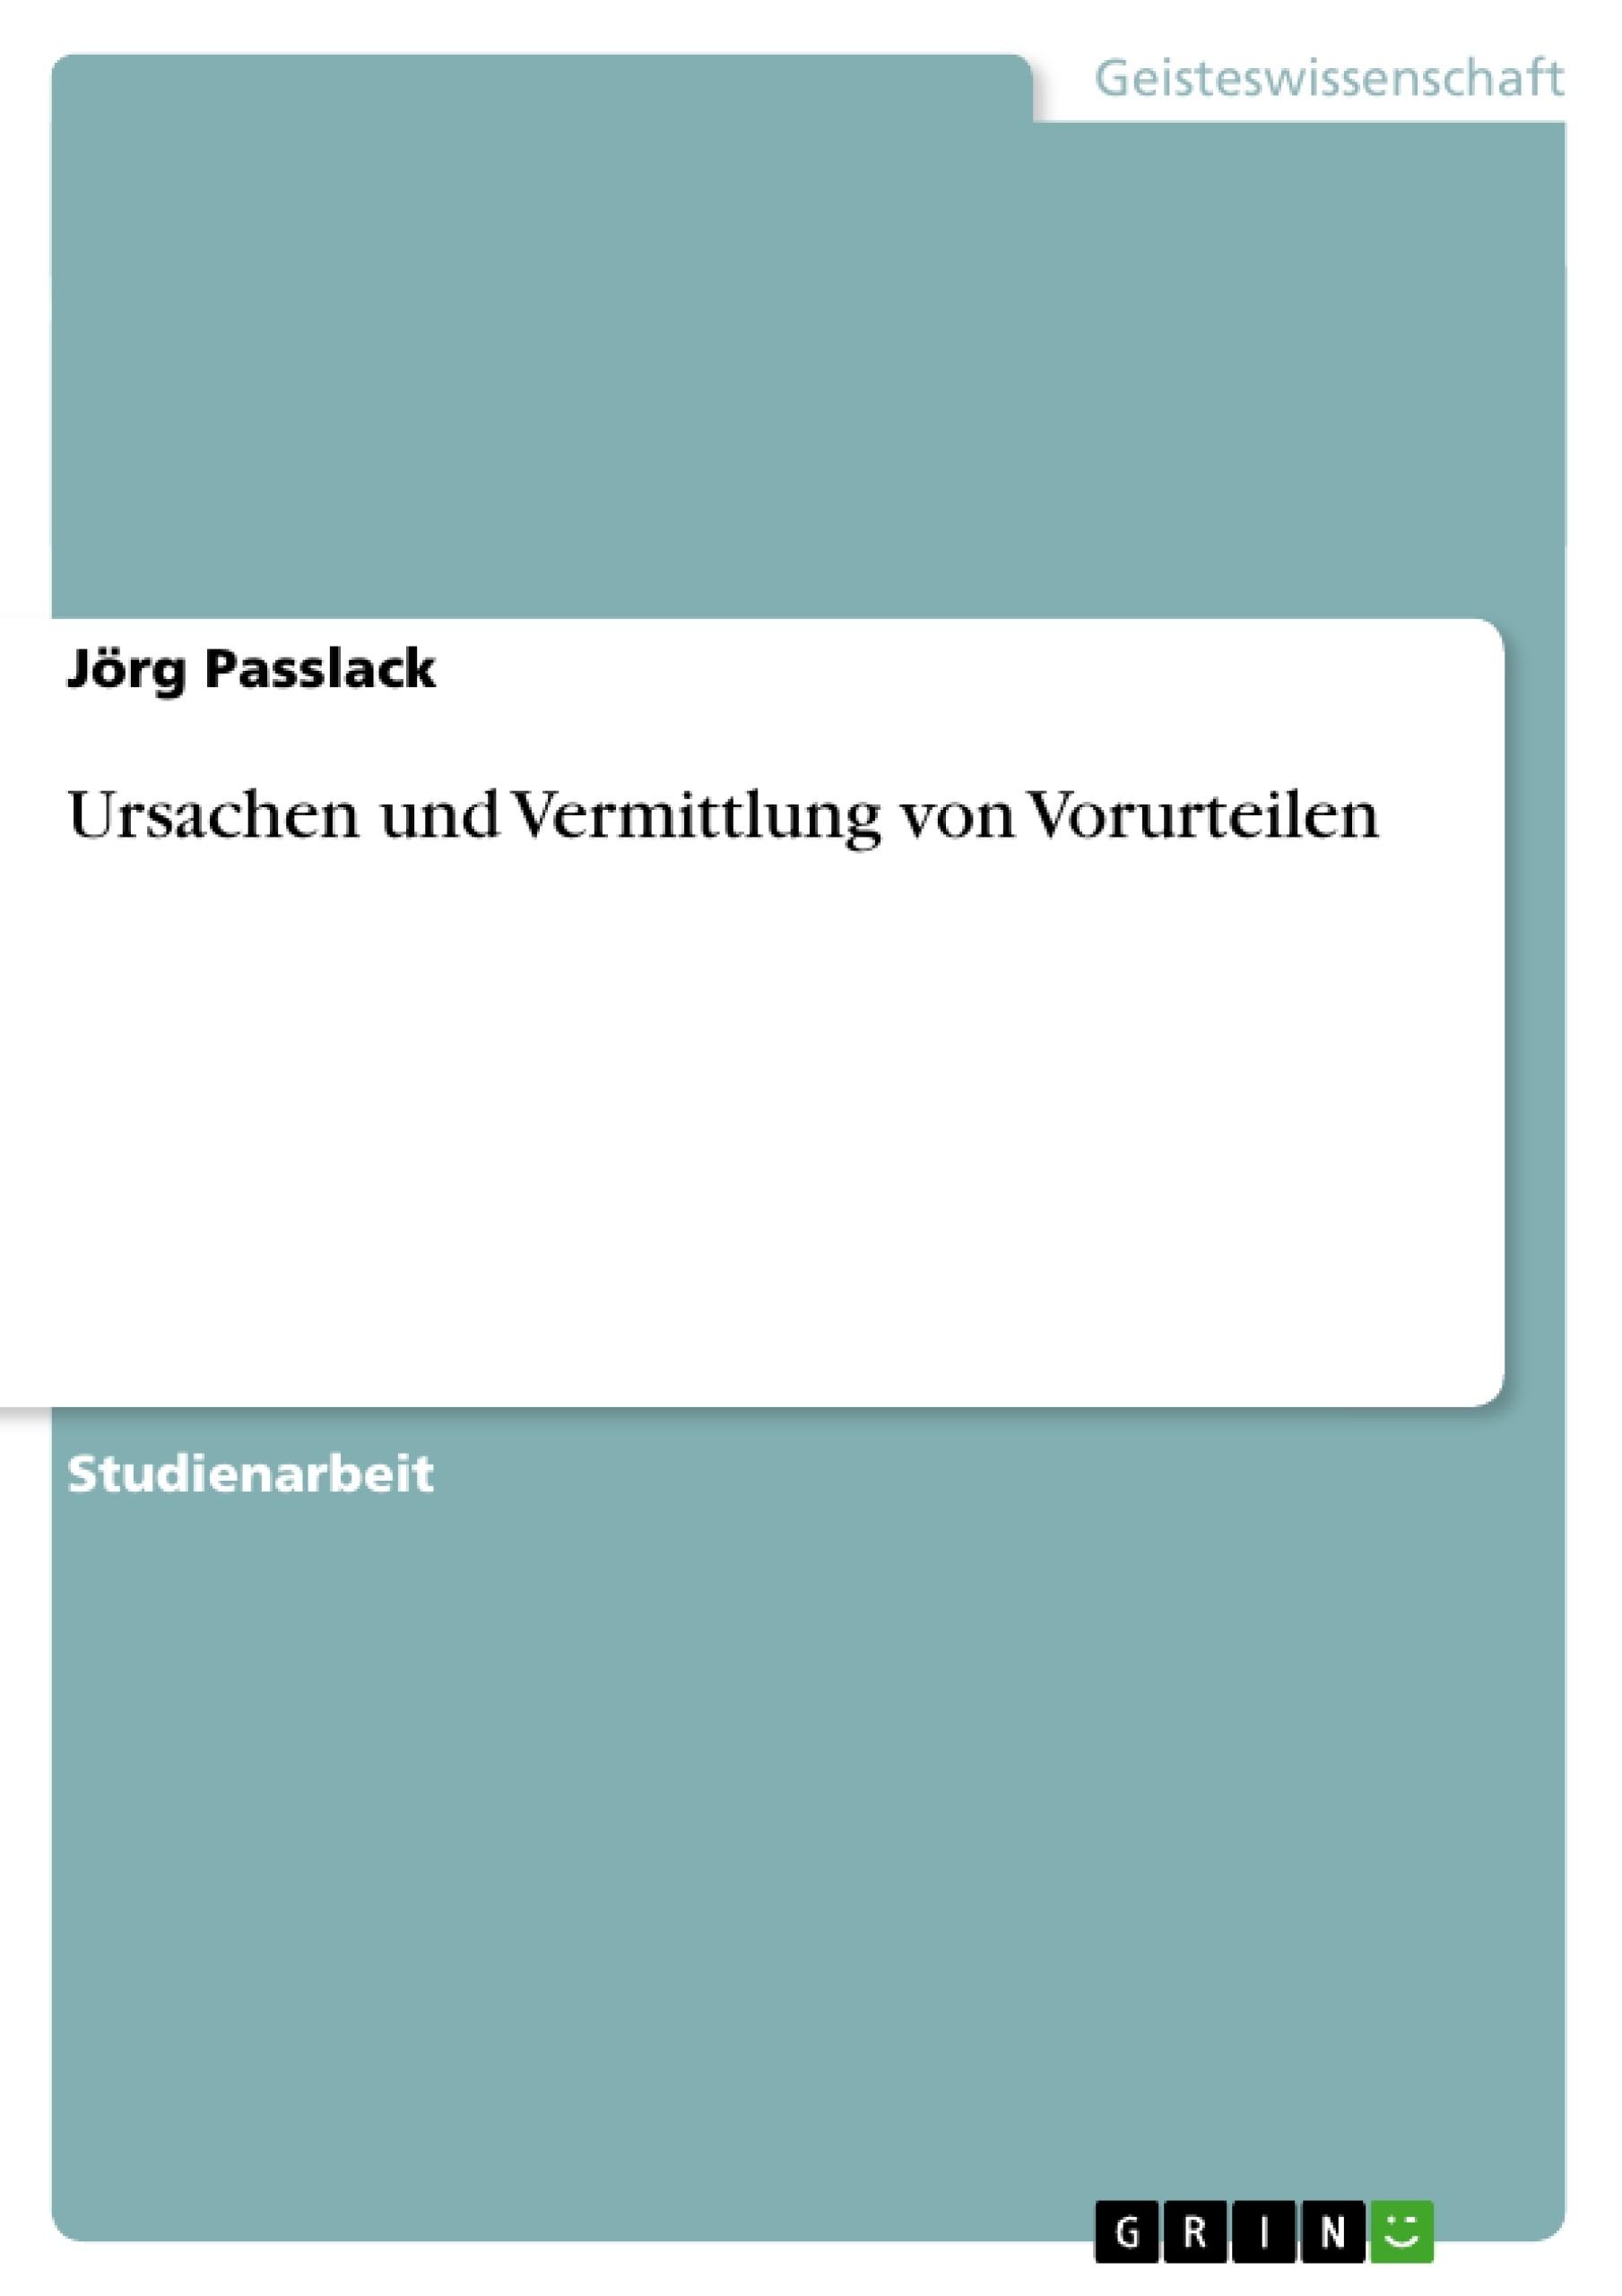 Titel: Ursachen und Vermittlung von Vorurteilen